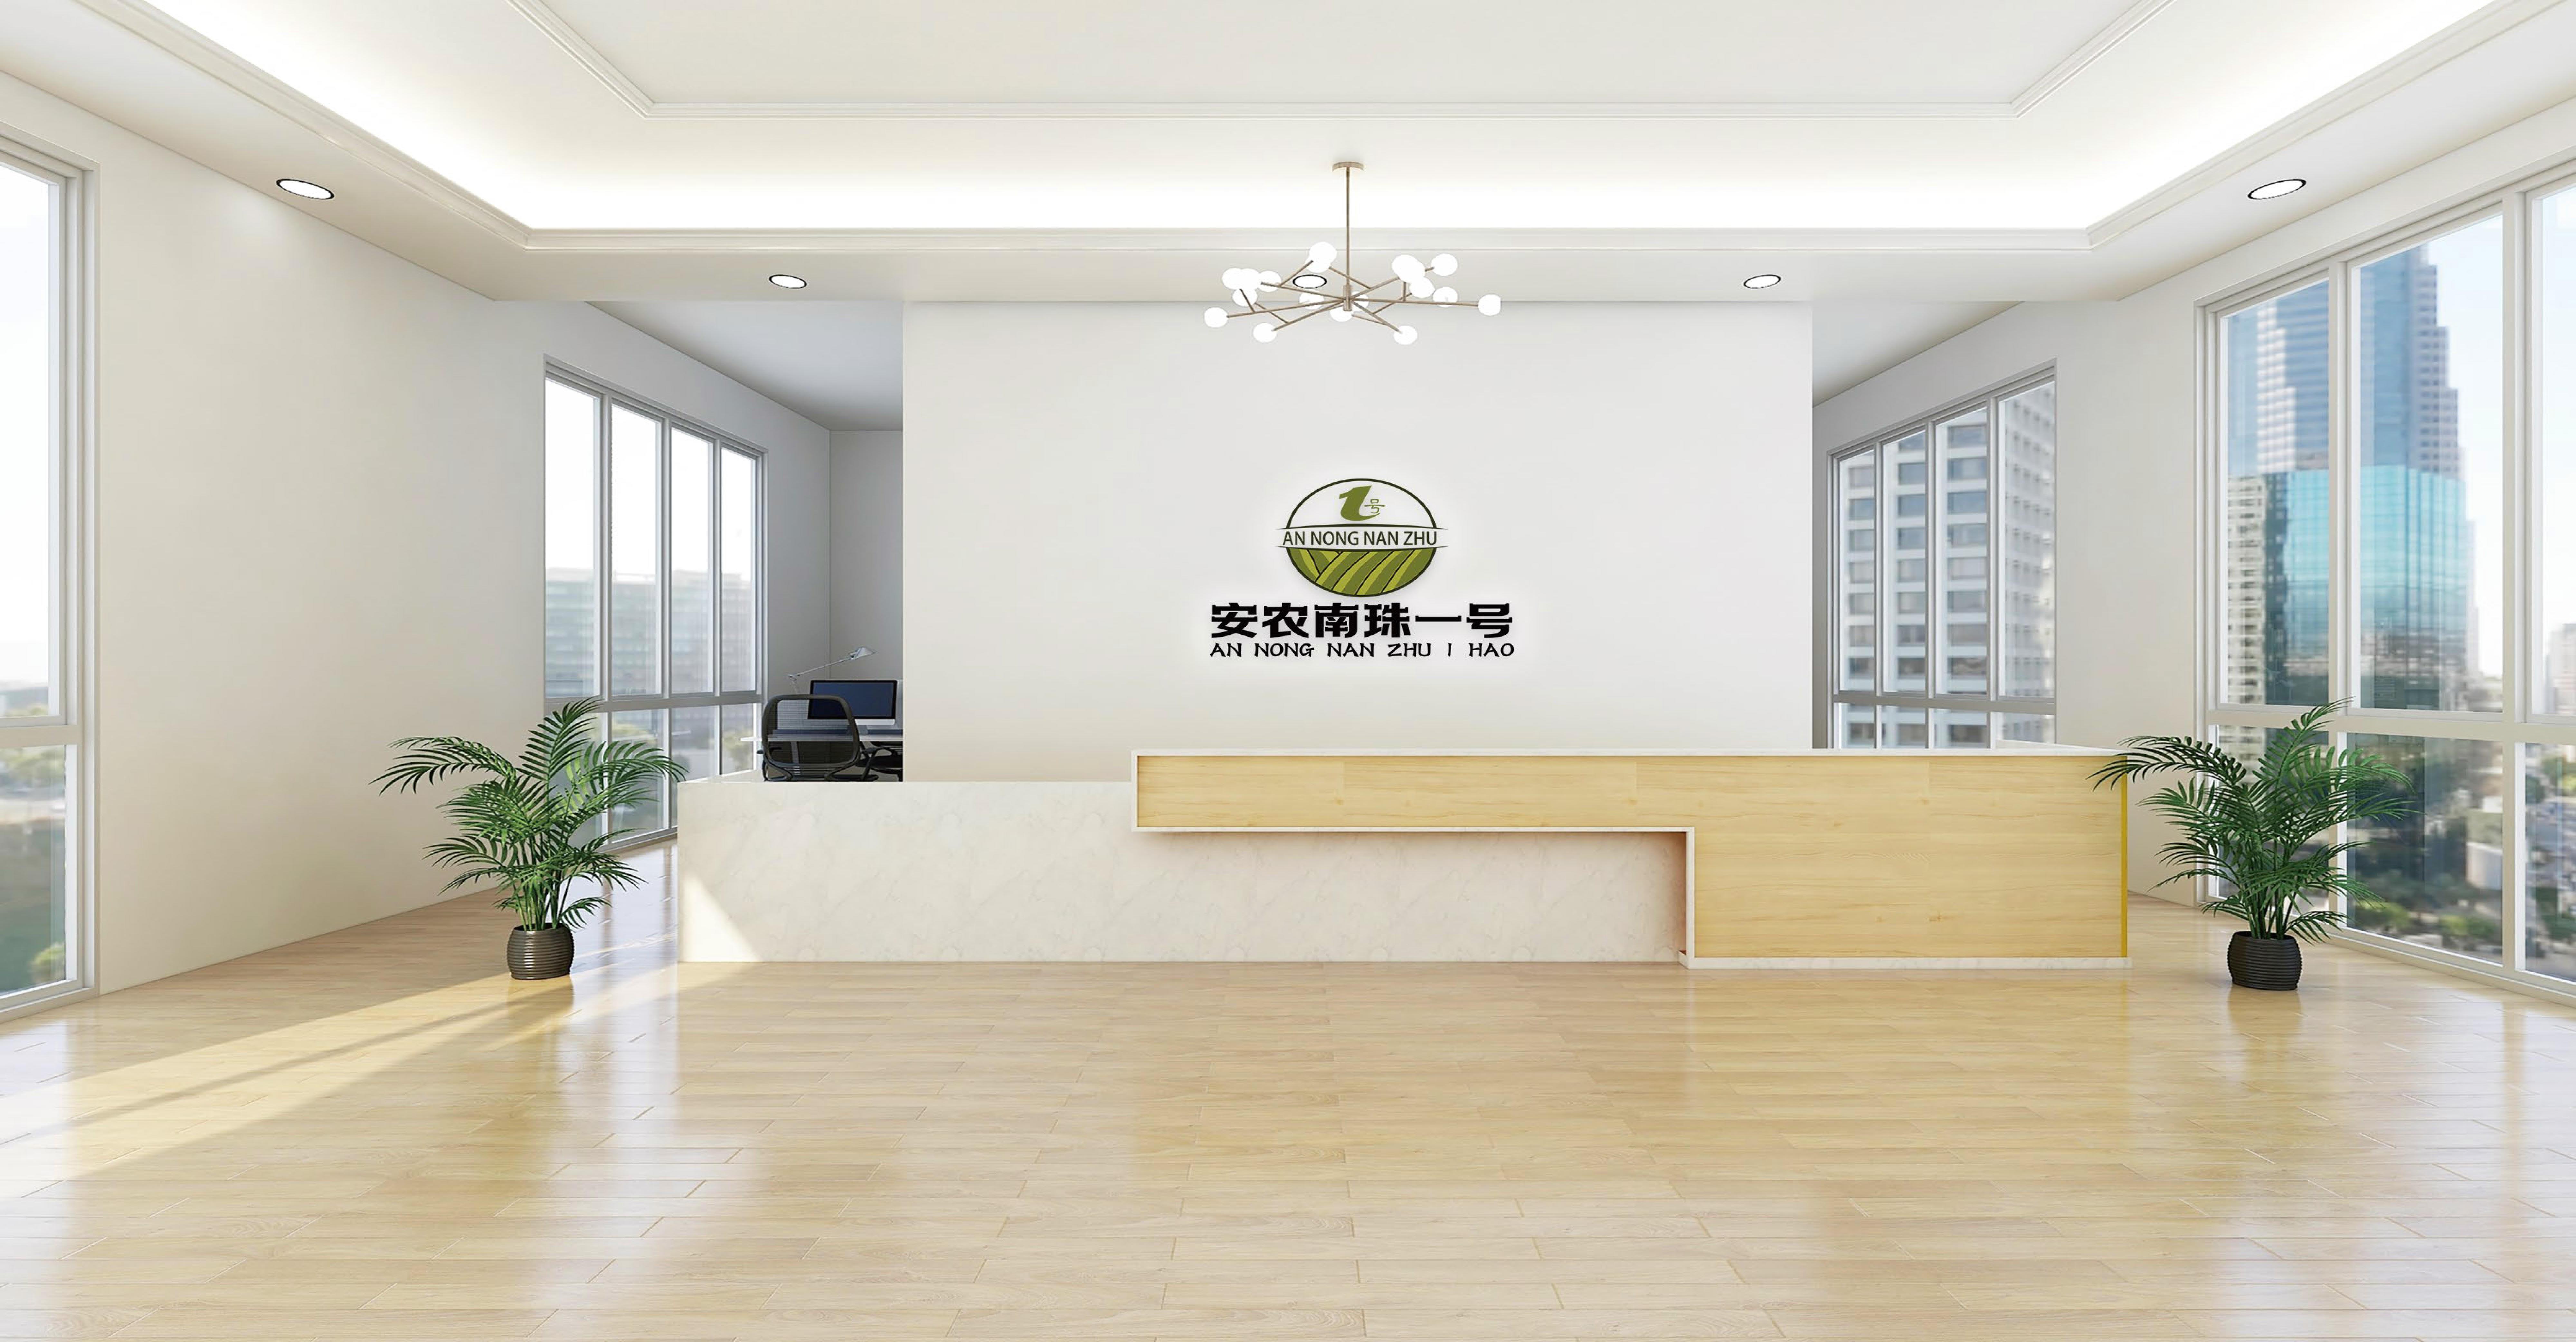 合浦县安农农业发展有限公司5